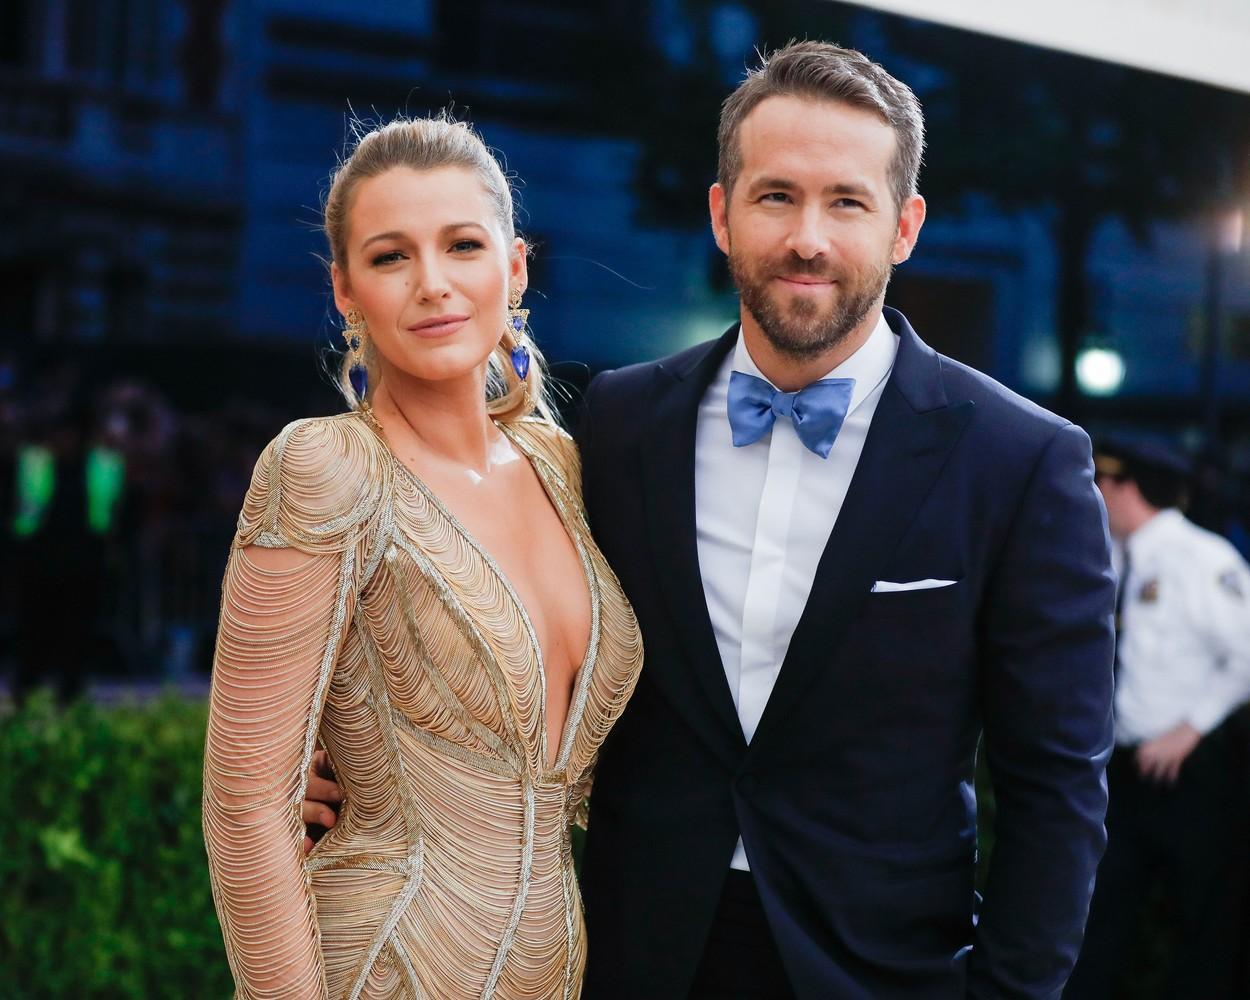 Rochia decupată a lui Blake Lively care l-a făcut pe soțul ei, Ryan Reynolds, să nu-și mai ia ochii de la ea. Cum arată actrița